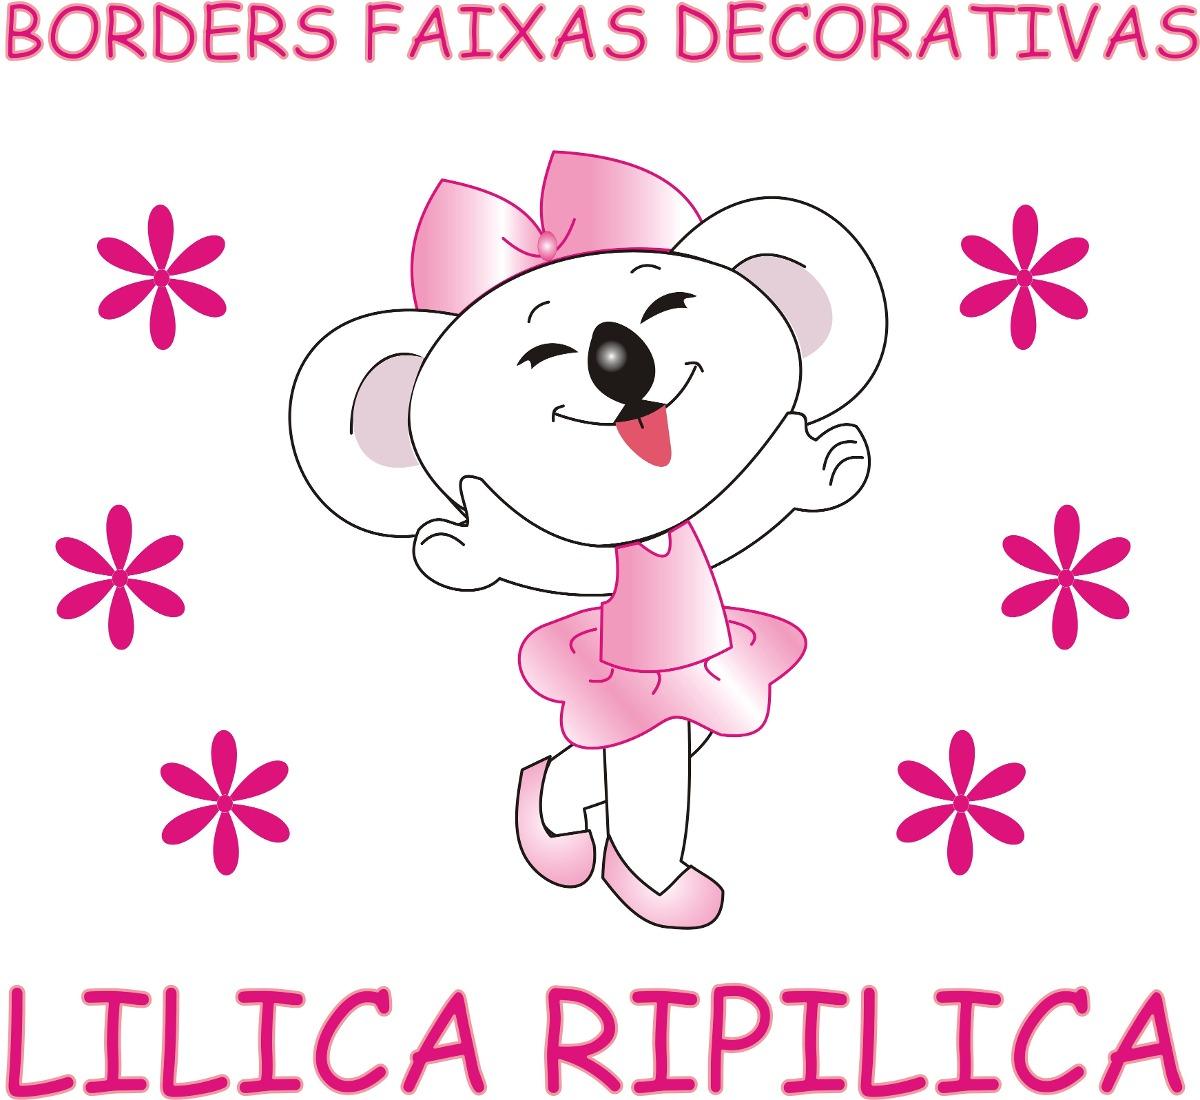 Borders Faixas Decorativas Paredes Lilica Ripilica R$ 10,99 em Mercado Livre